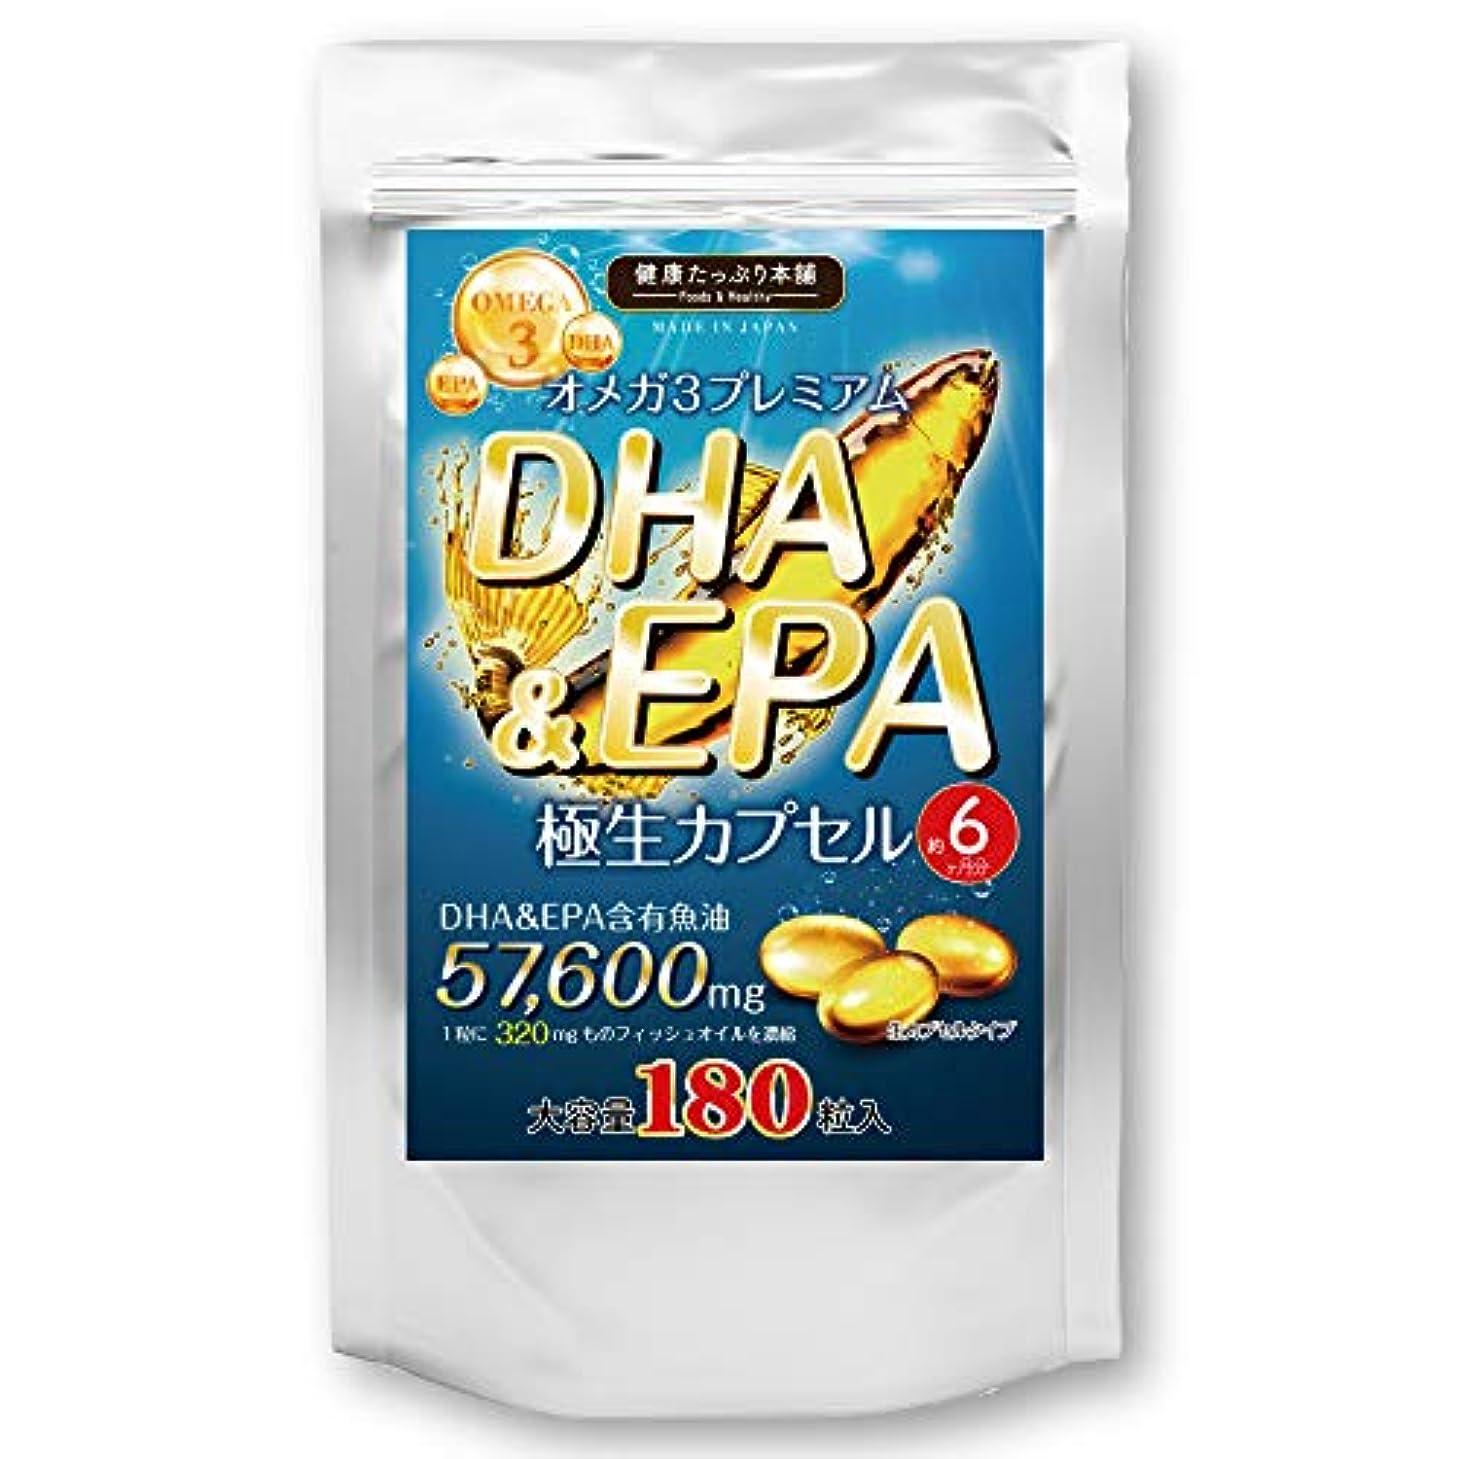 陰謀腹痛メカニックオメガ3プレミアム DHA&EPA 極生ソフトカプセル 大容量約6ヶ月分/180粒(DHA含有魚油?EPA含有魚油)